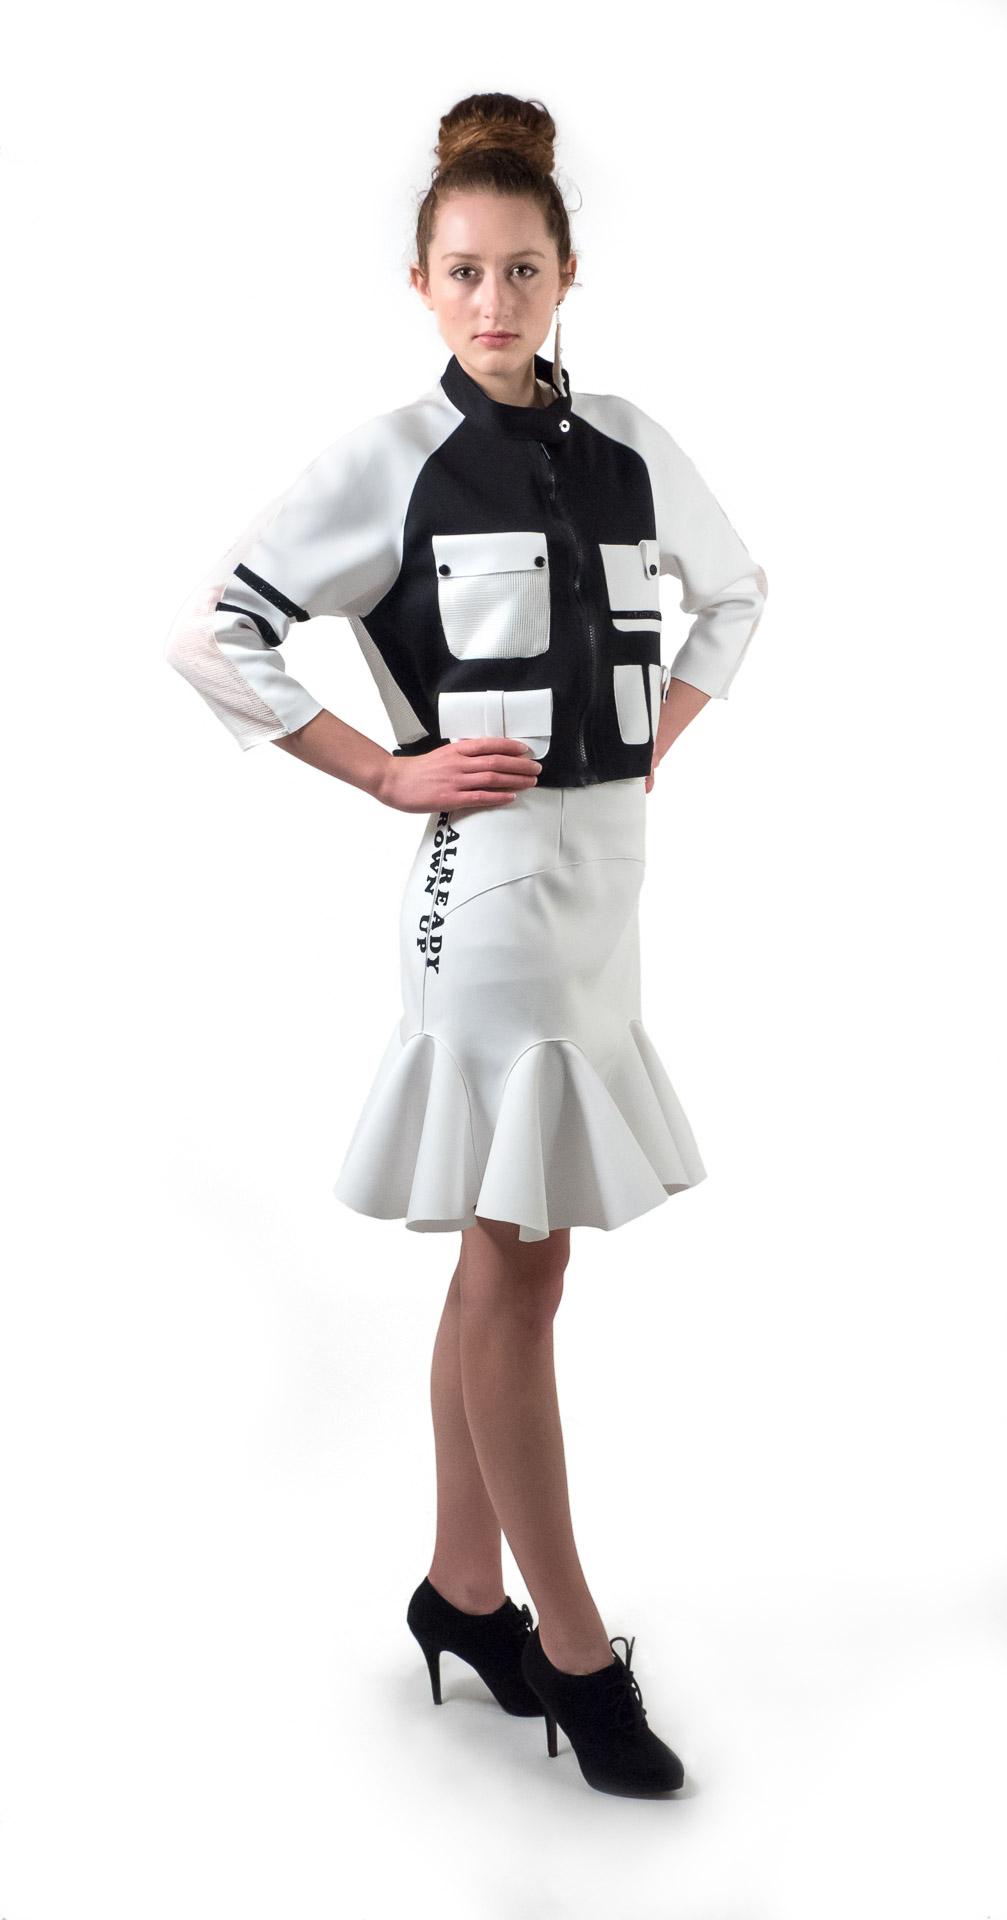 Hiatt.Peter.Fashion-17.jpg